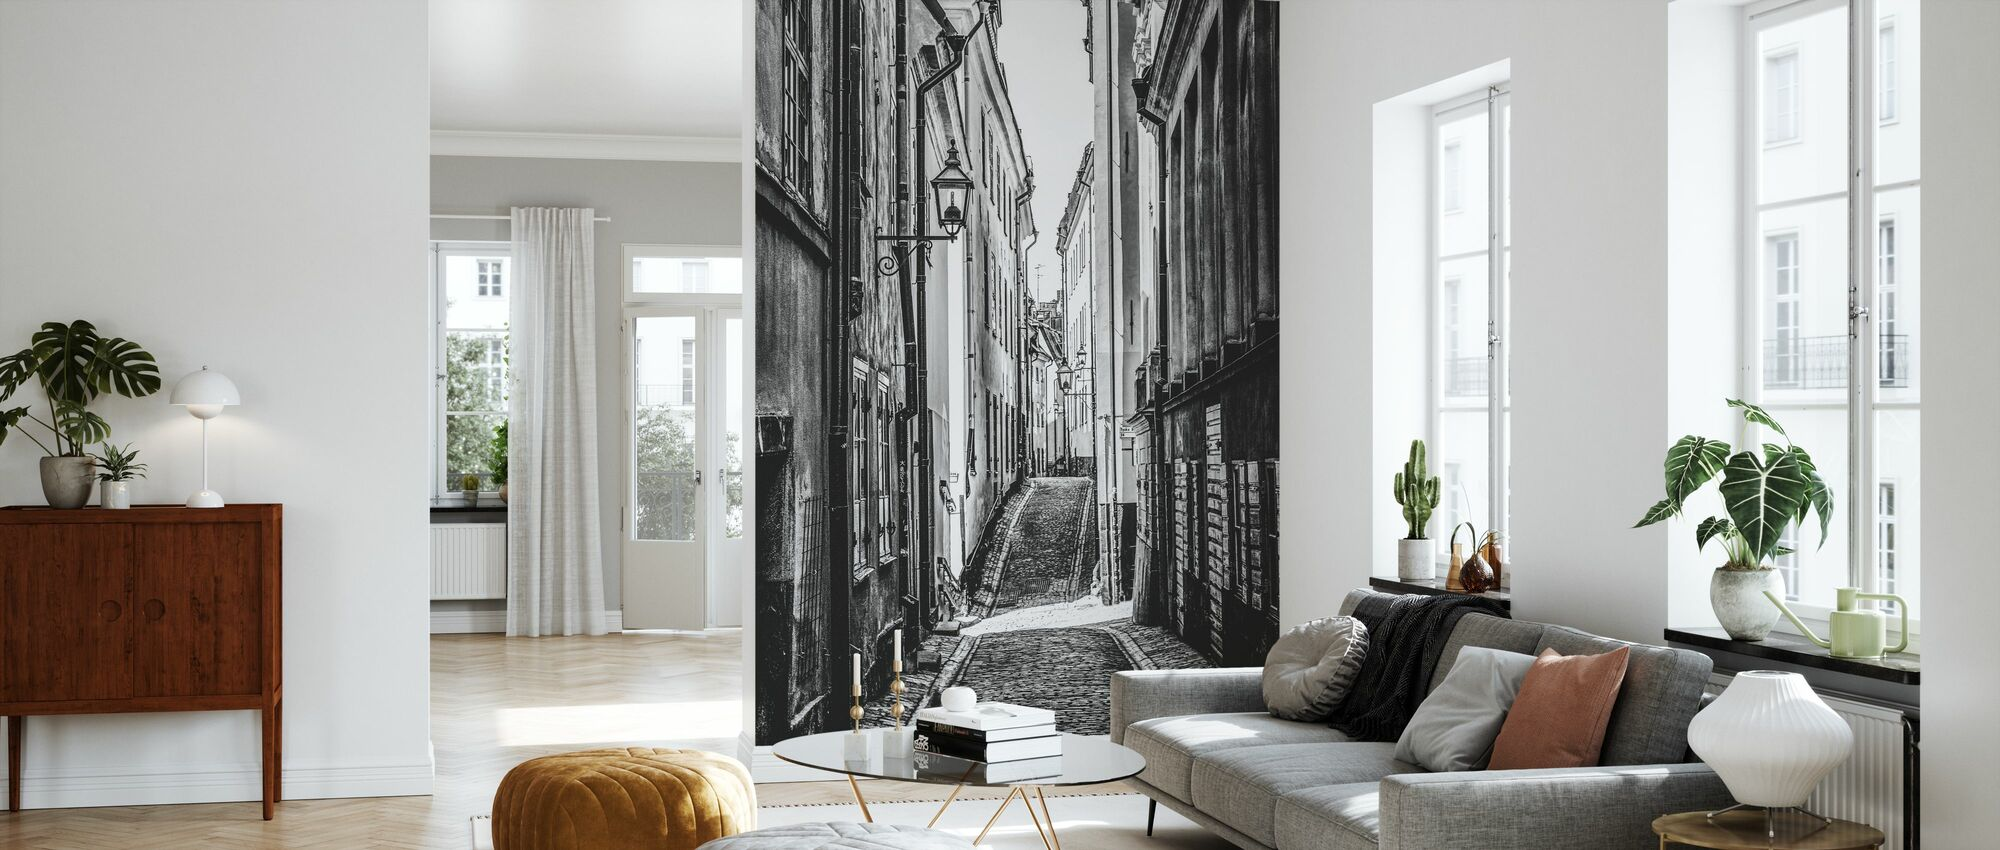 Strassen von Stockholm - Tapete - Wohnzimmer